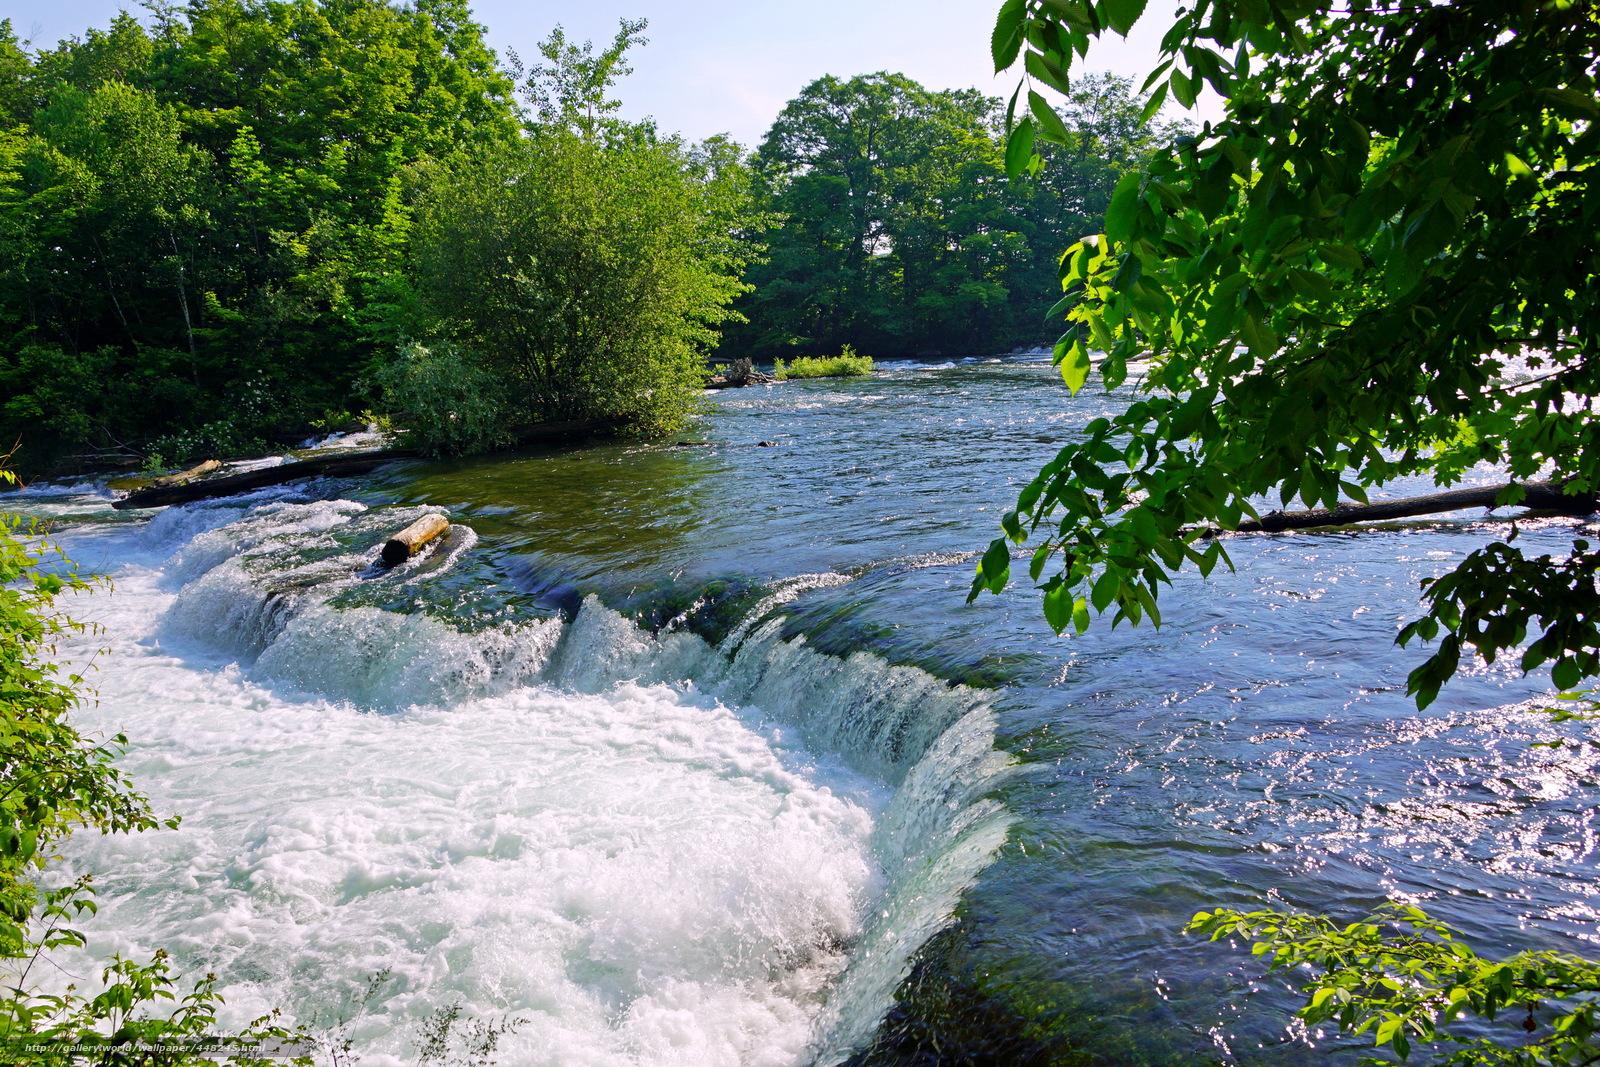 Скачать обои Водопад,  США,  Онтарио,  Ниагара бесплатно для рабочего стола в разрешении 2595x1730 — картинка №448245